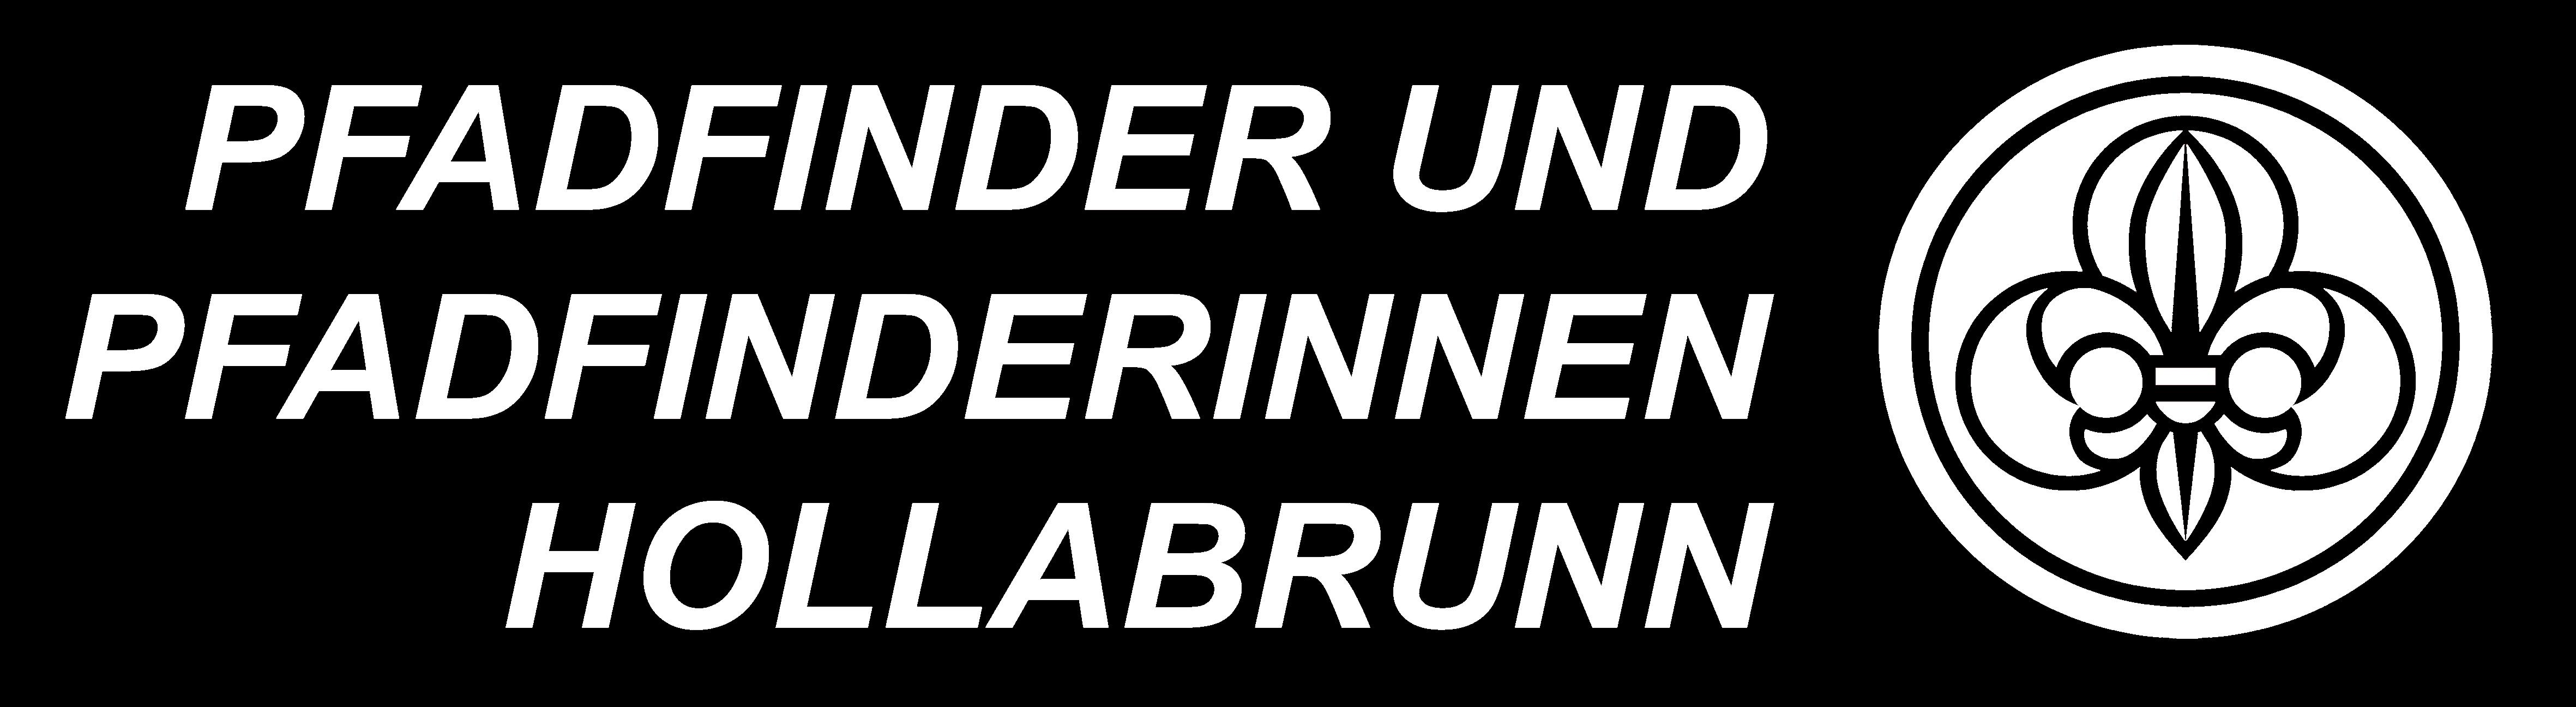 Pfadfinder und Pfadfinderinnen Hollabrunn